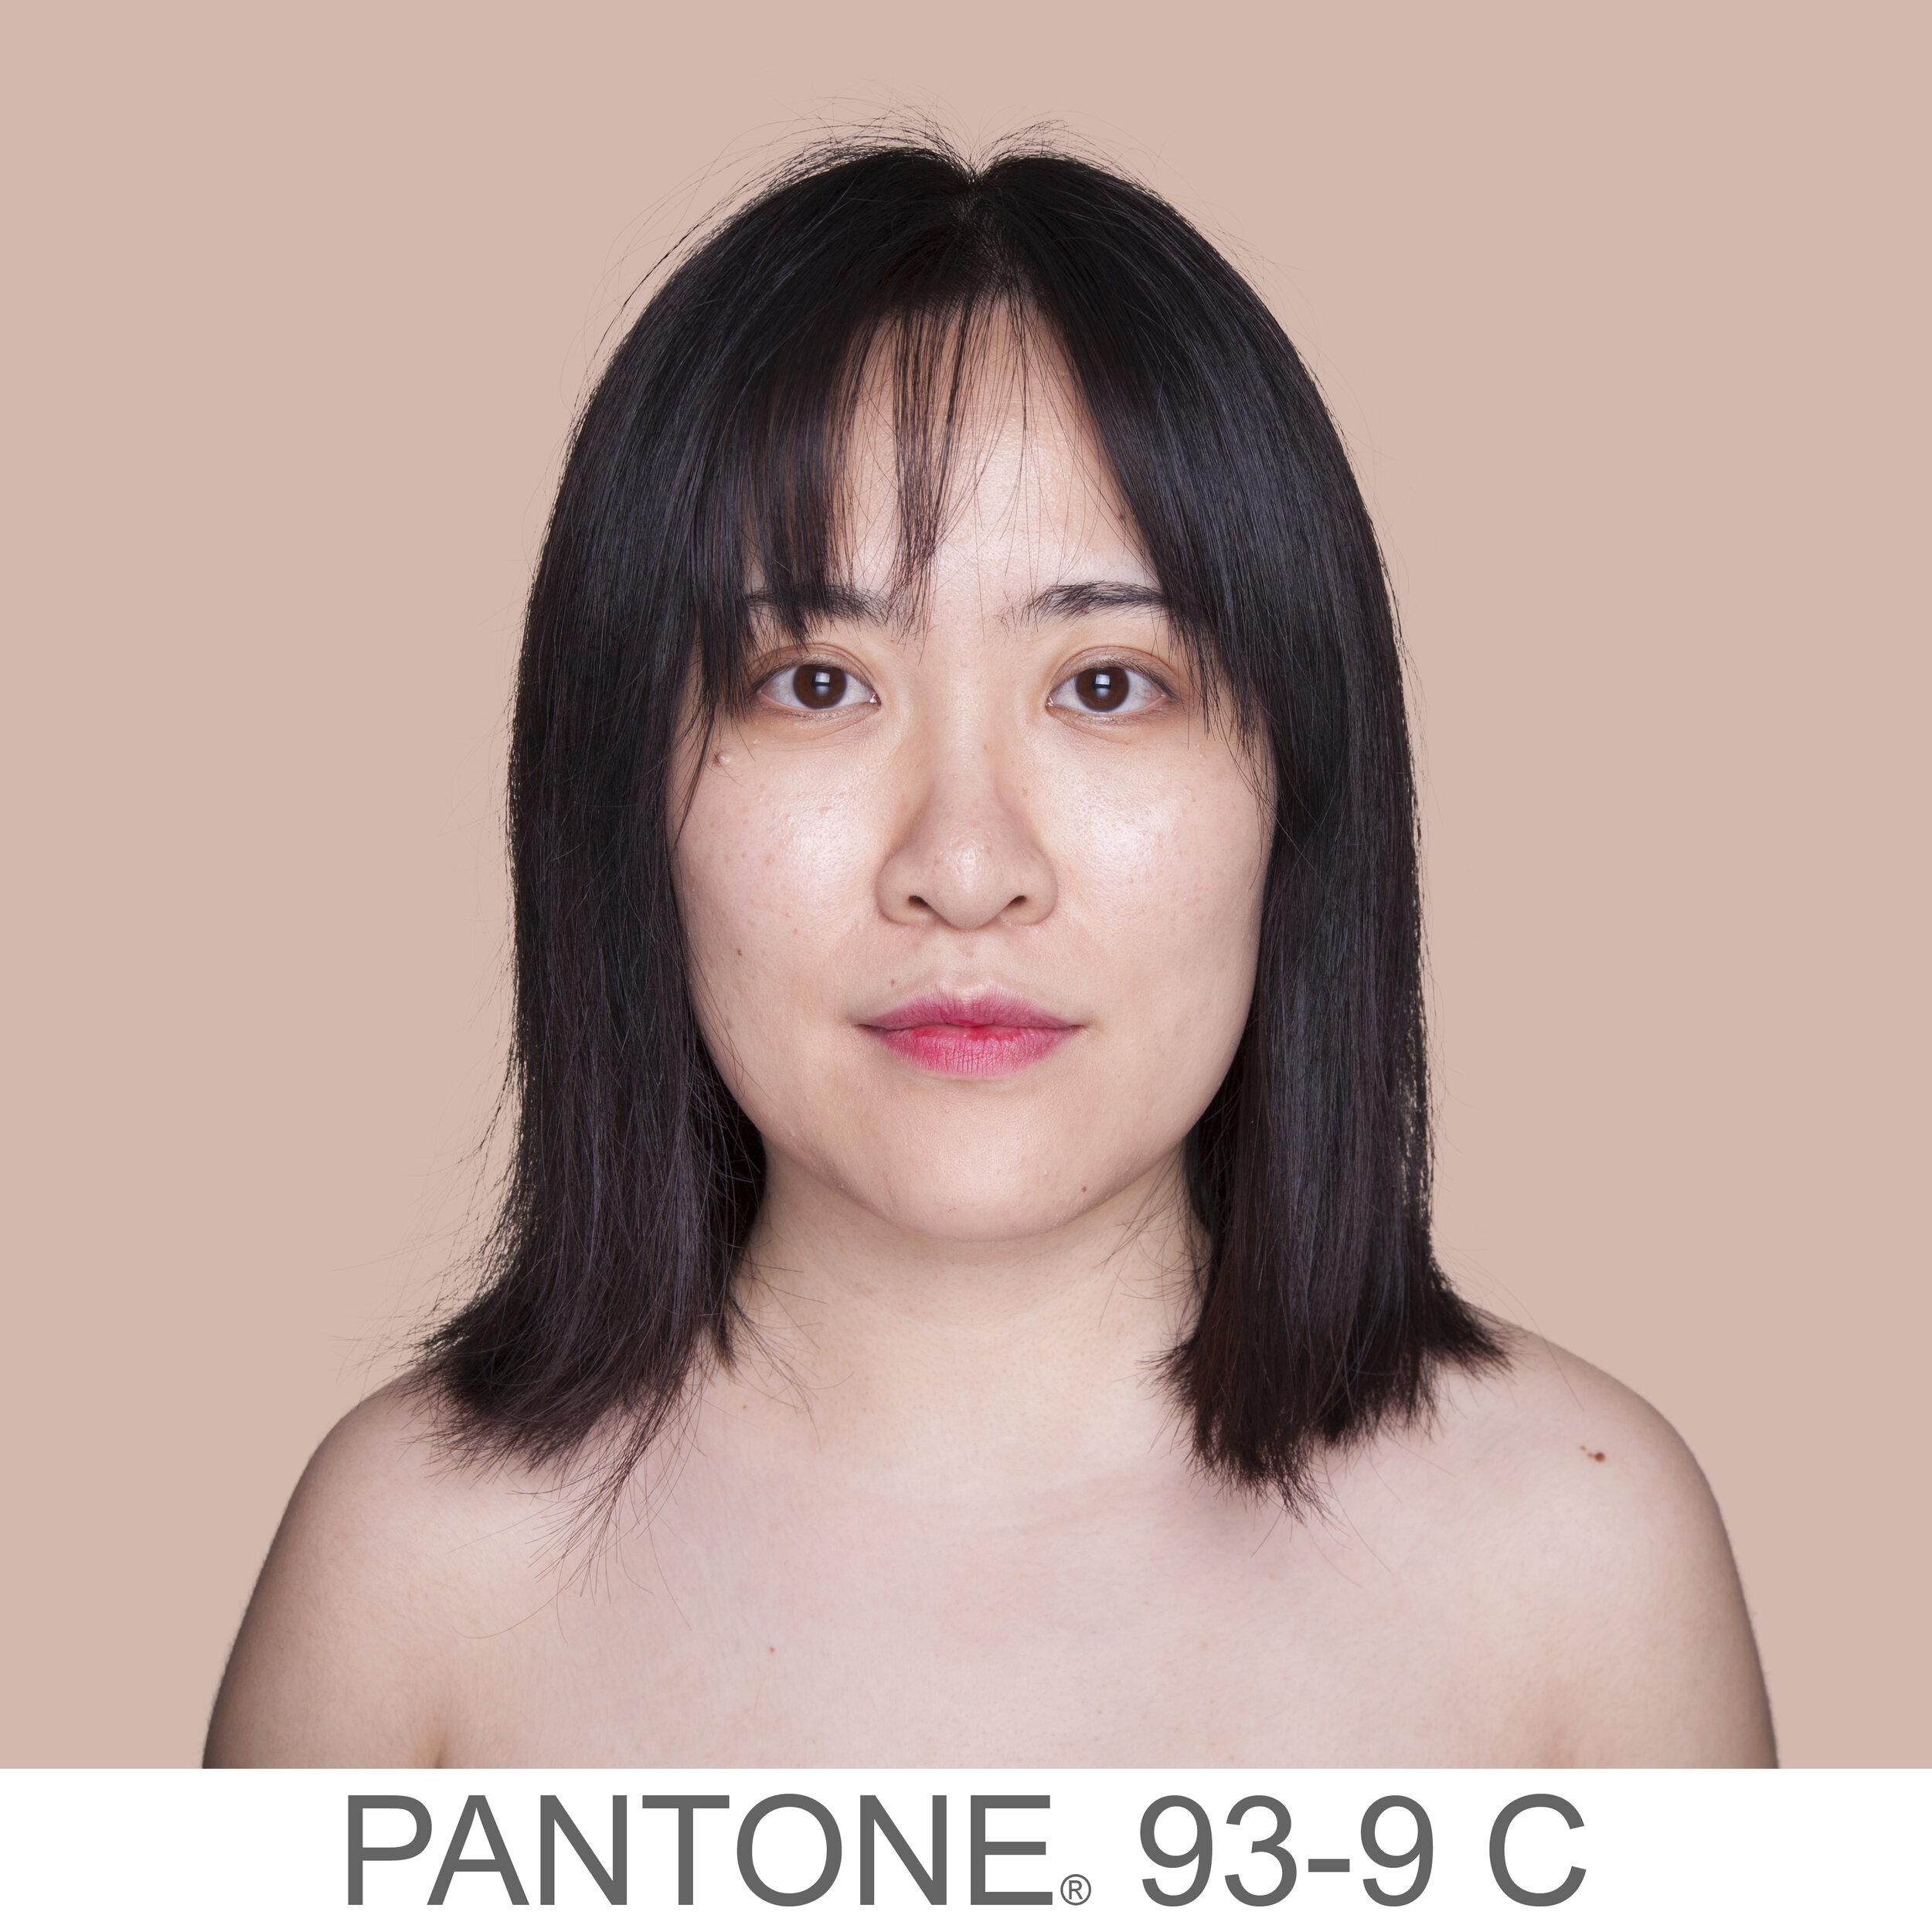 humanae 93-9 C CN copia.jpg